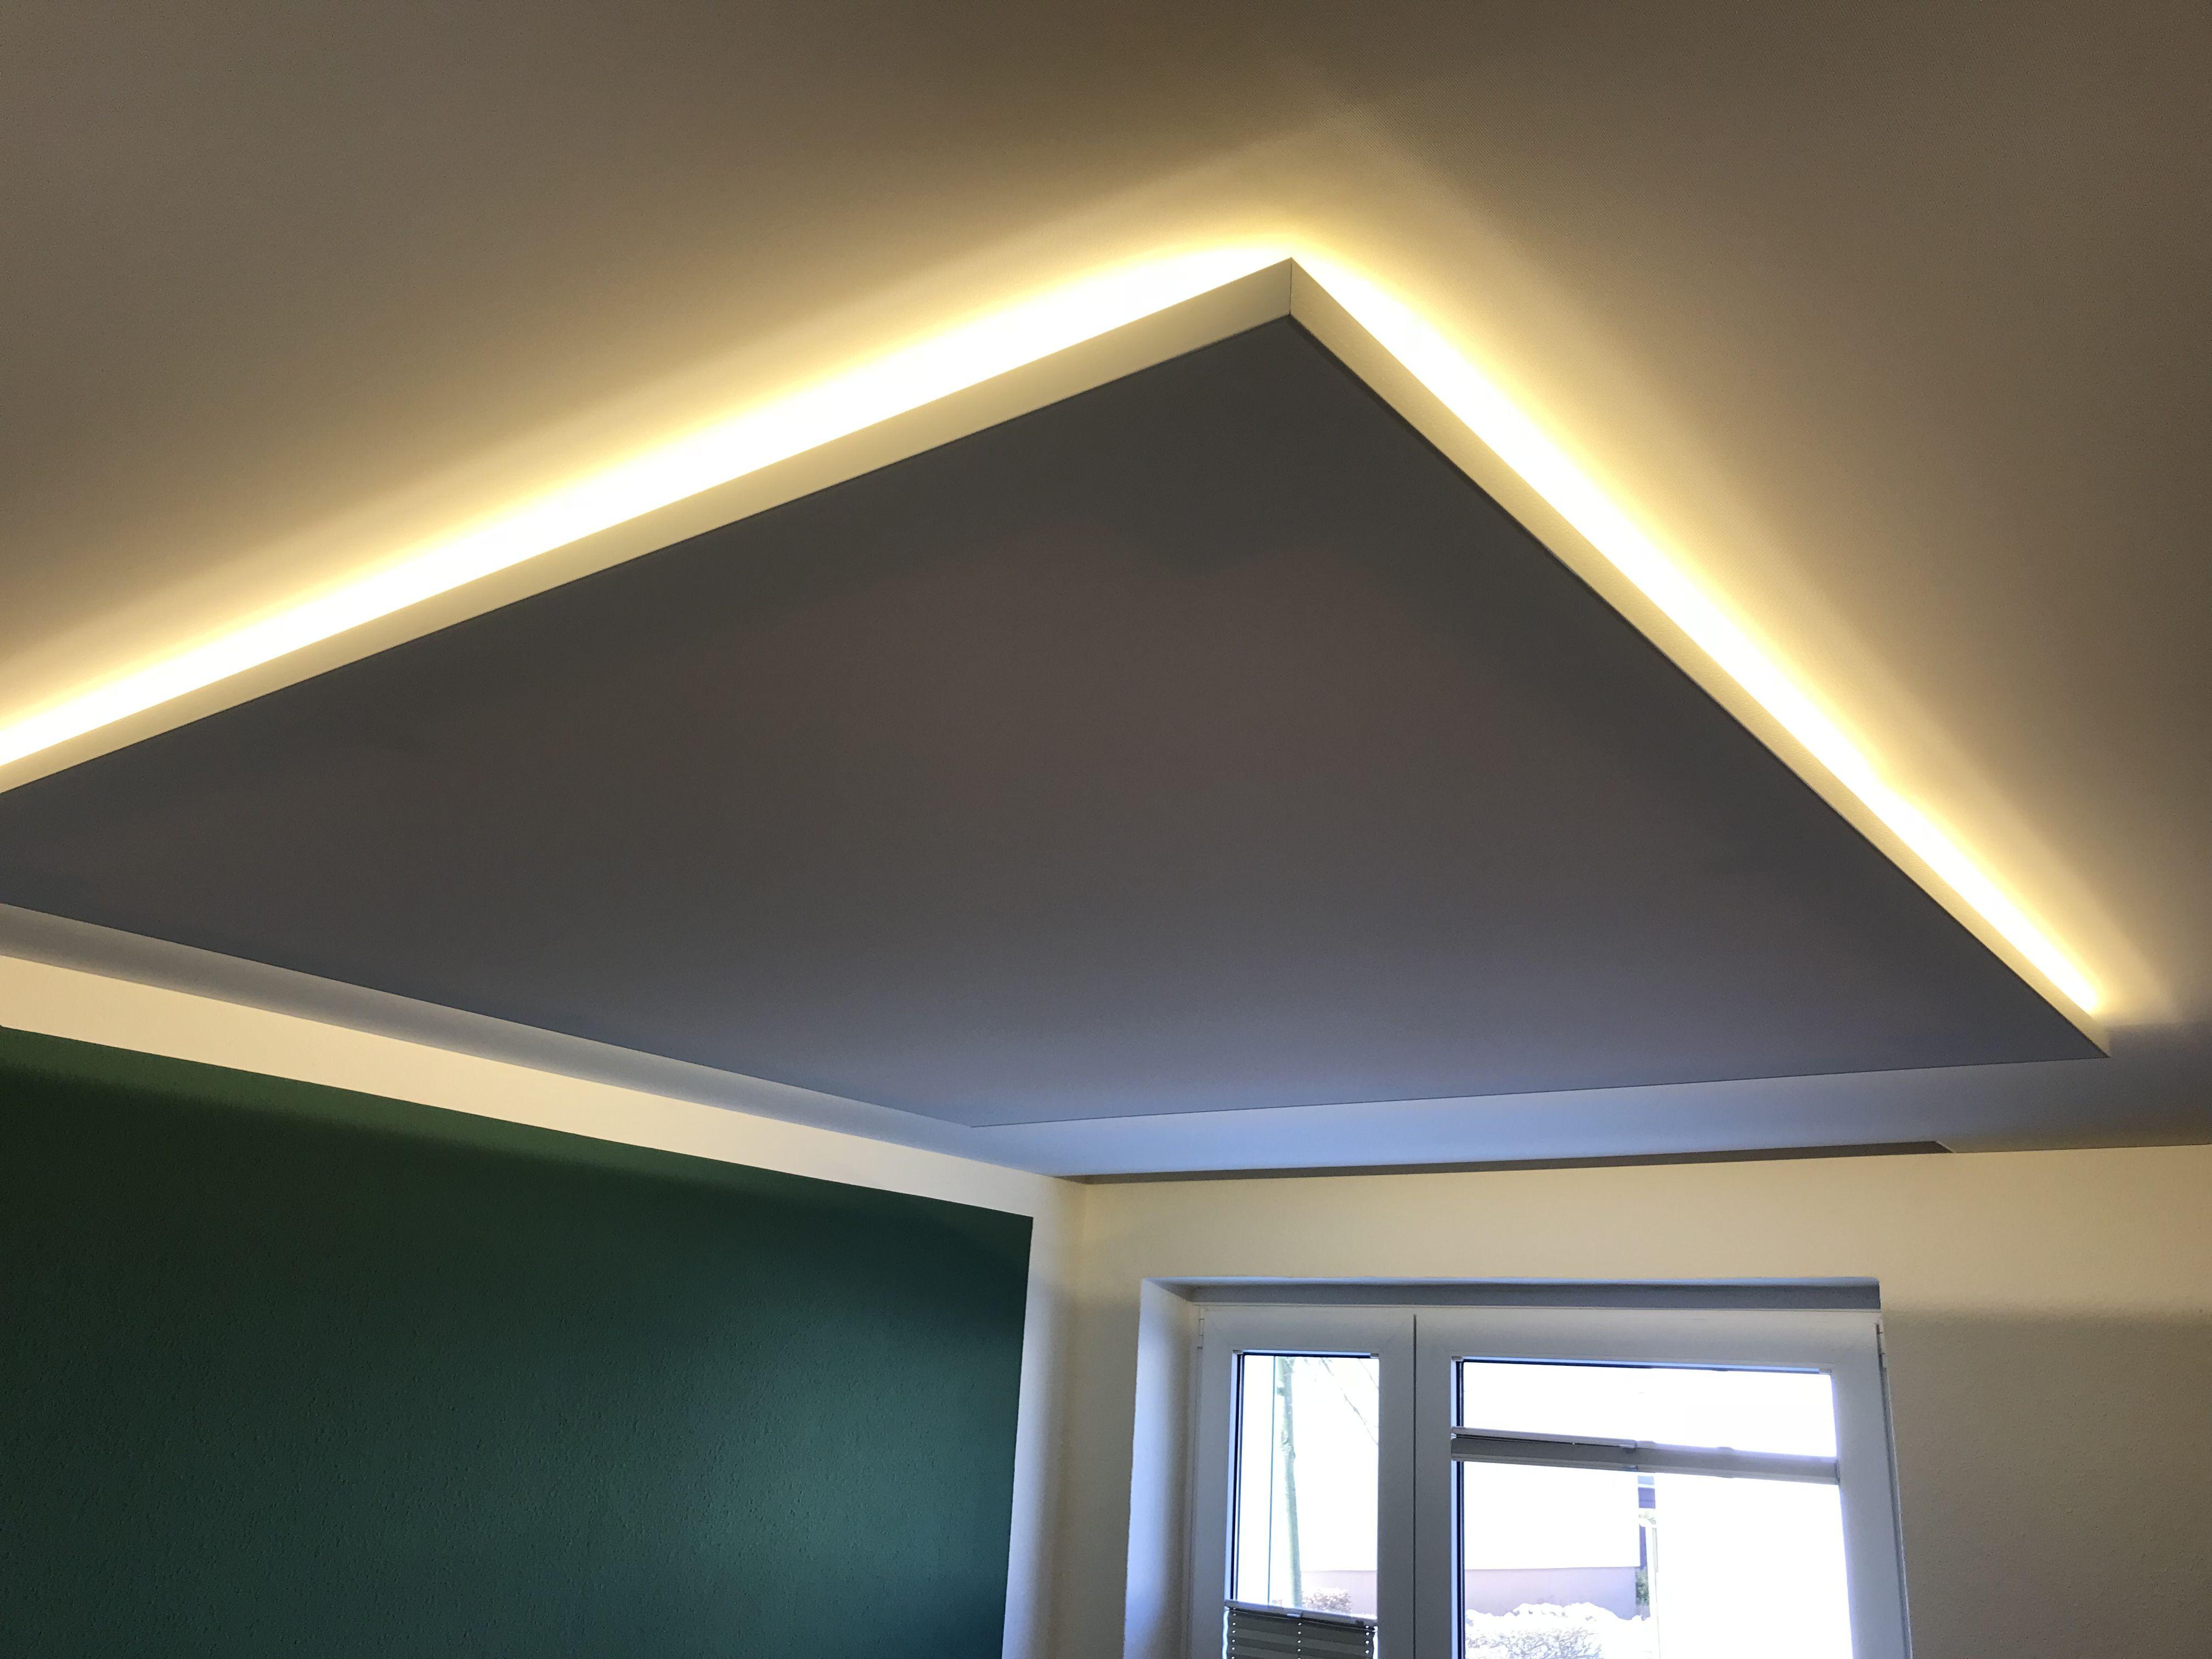 Deckensegel Mit Indirekter Beleuchtung Indirekte Beleuchtung Beleuchtung Lampen Esszimmer